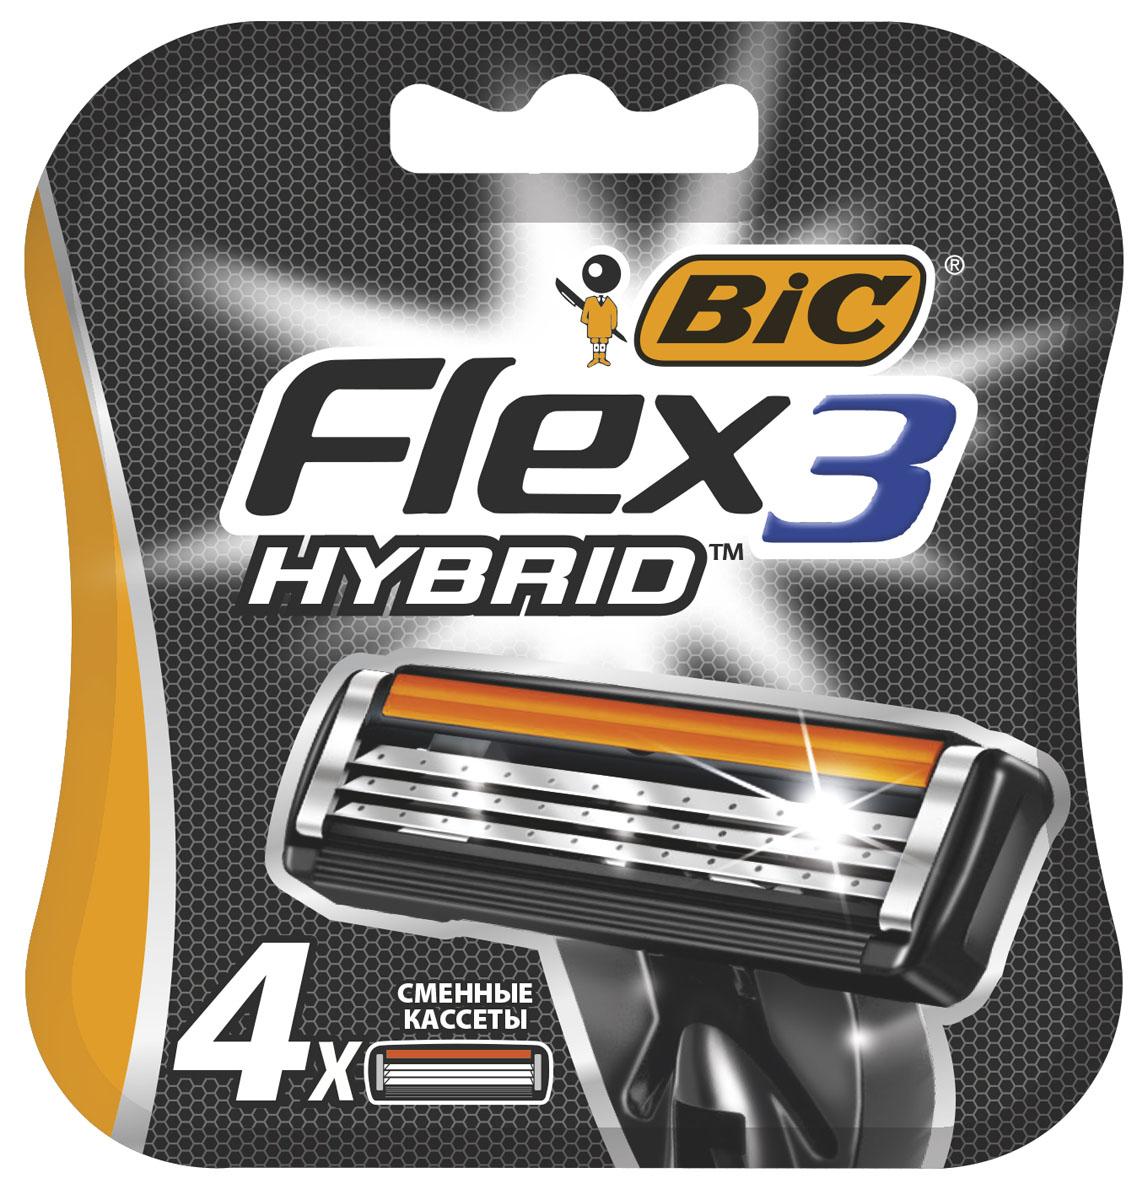 Bic Flex 3 Hybrid Сменные кассеты для бритья, 4 штBRI956/00Три высококачественных лезвия, плавающих независимо друг от друга. Хромо-полимерное покрытие лезвий. Более широкий резиновый предохранитель.